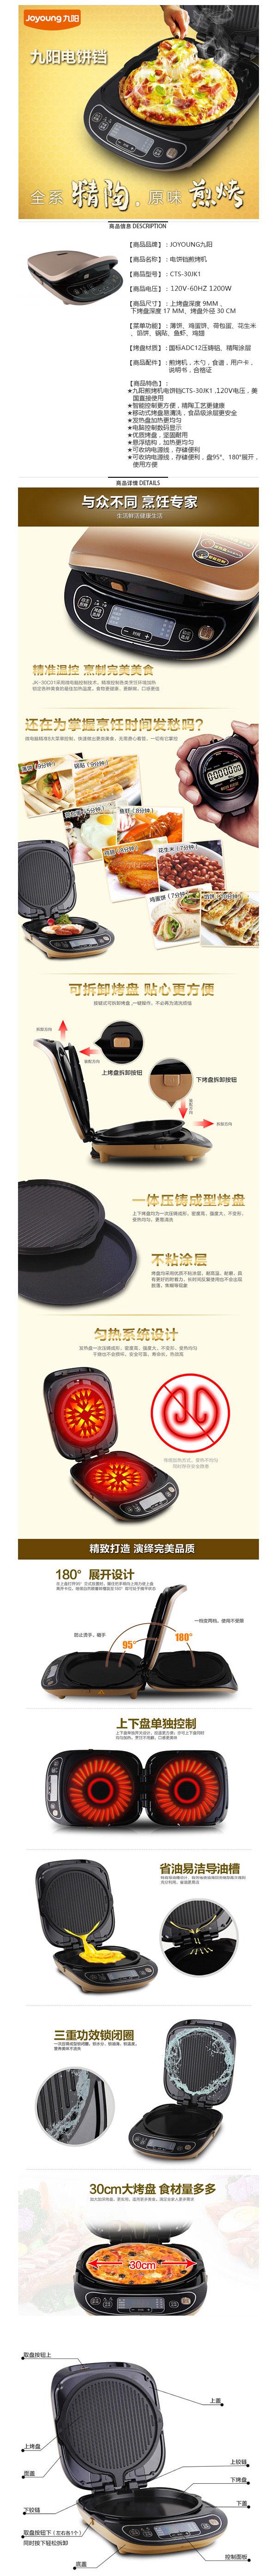 九阳精陶电饼铛CTS-30JK1产品介绍